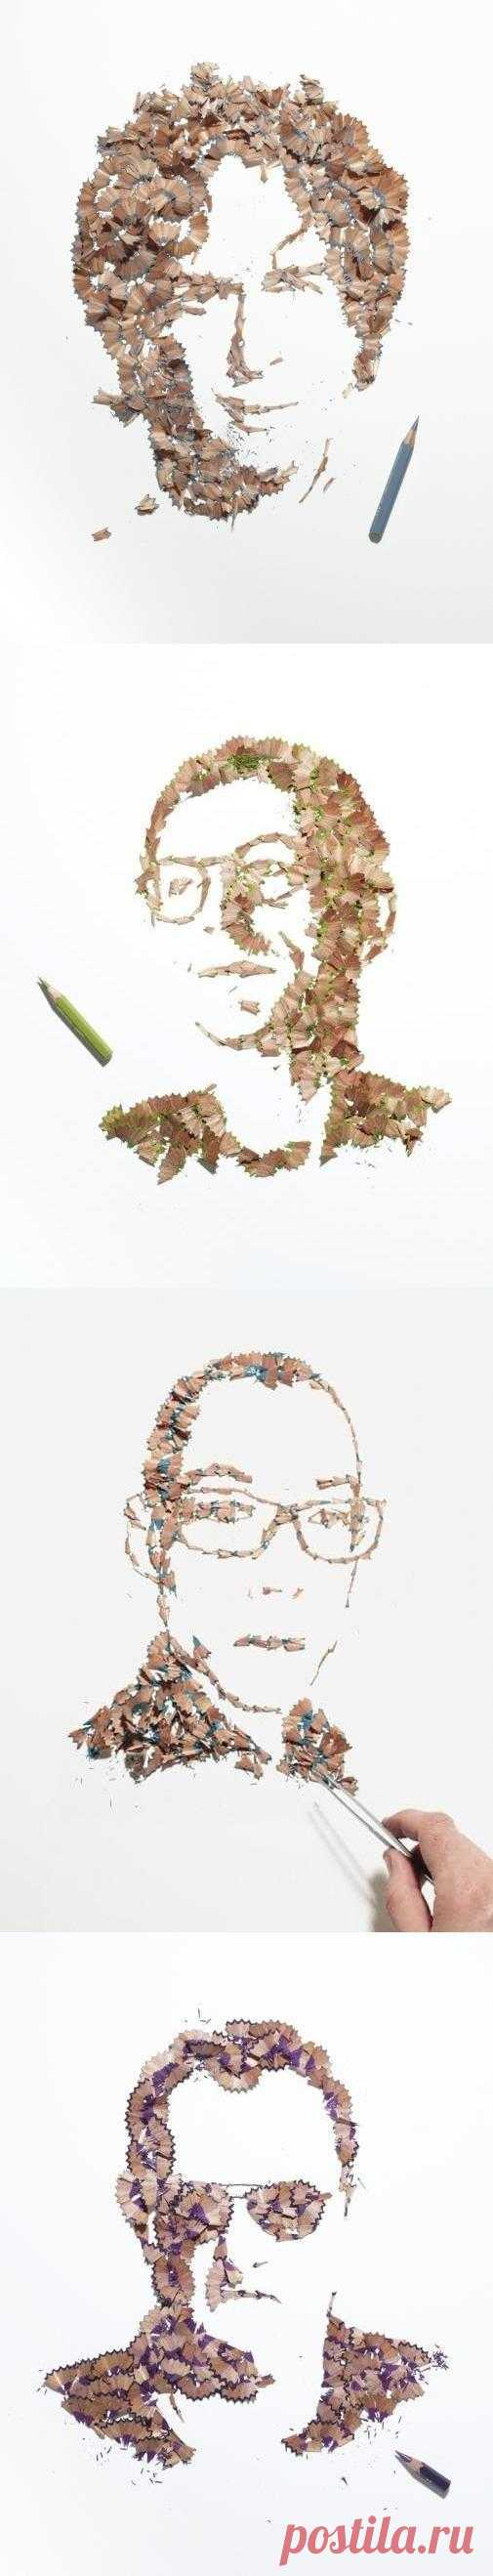 Талантливый художник Кайл Бин создает портреты с помощью банального карандаша, но при этом использует его крайне необычным способом…